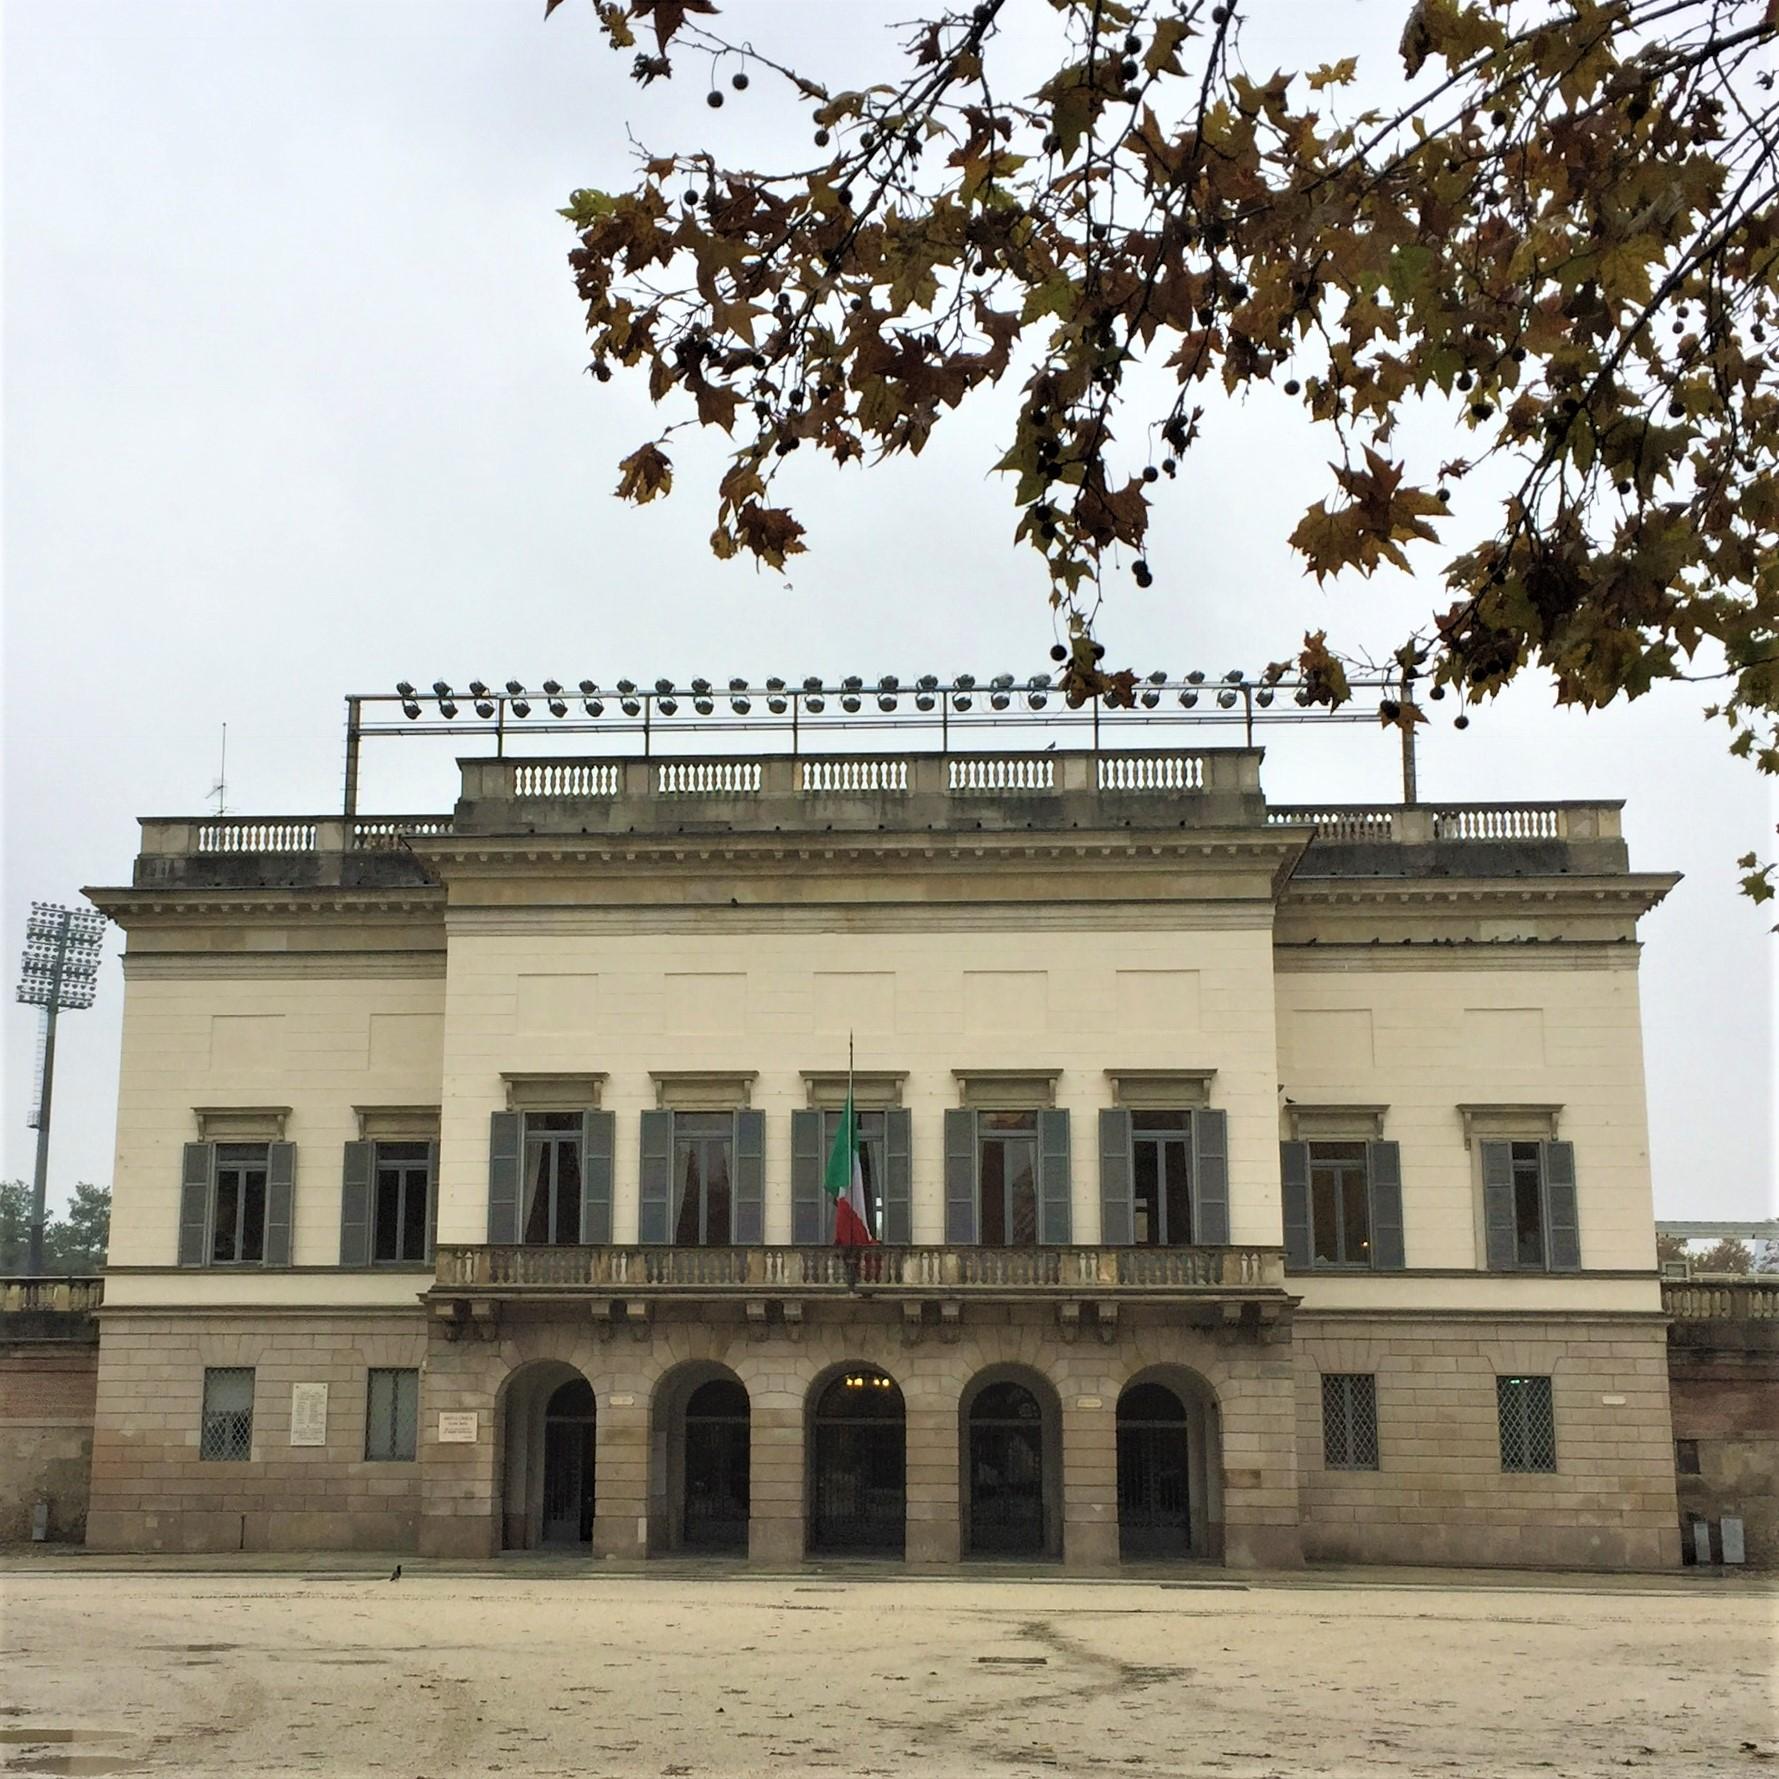 La palazzina Appiani